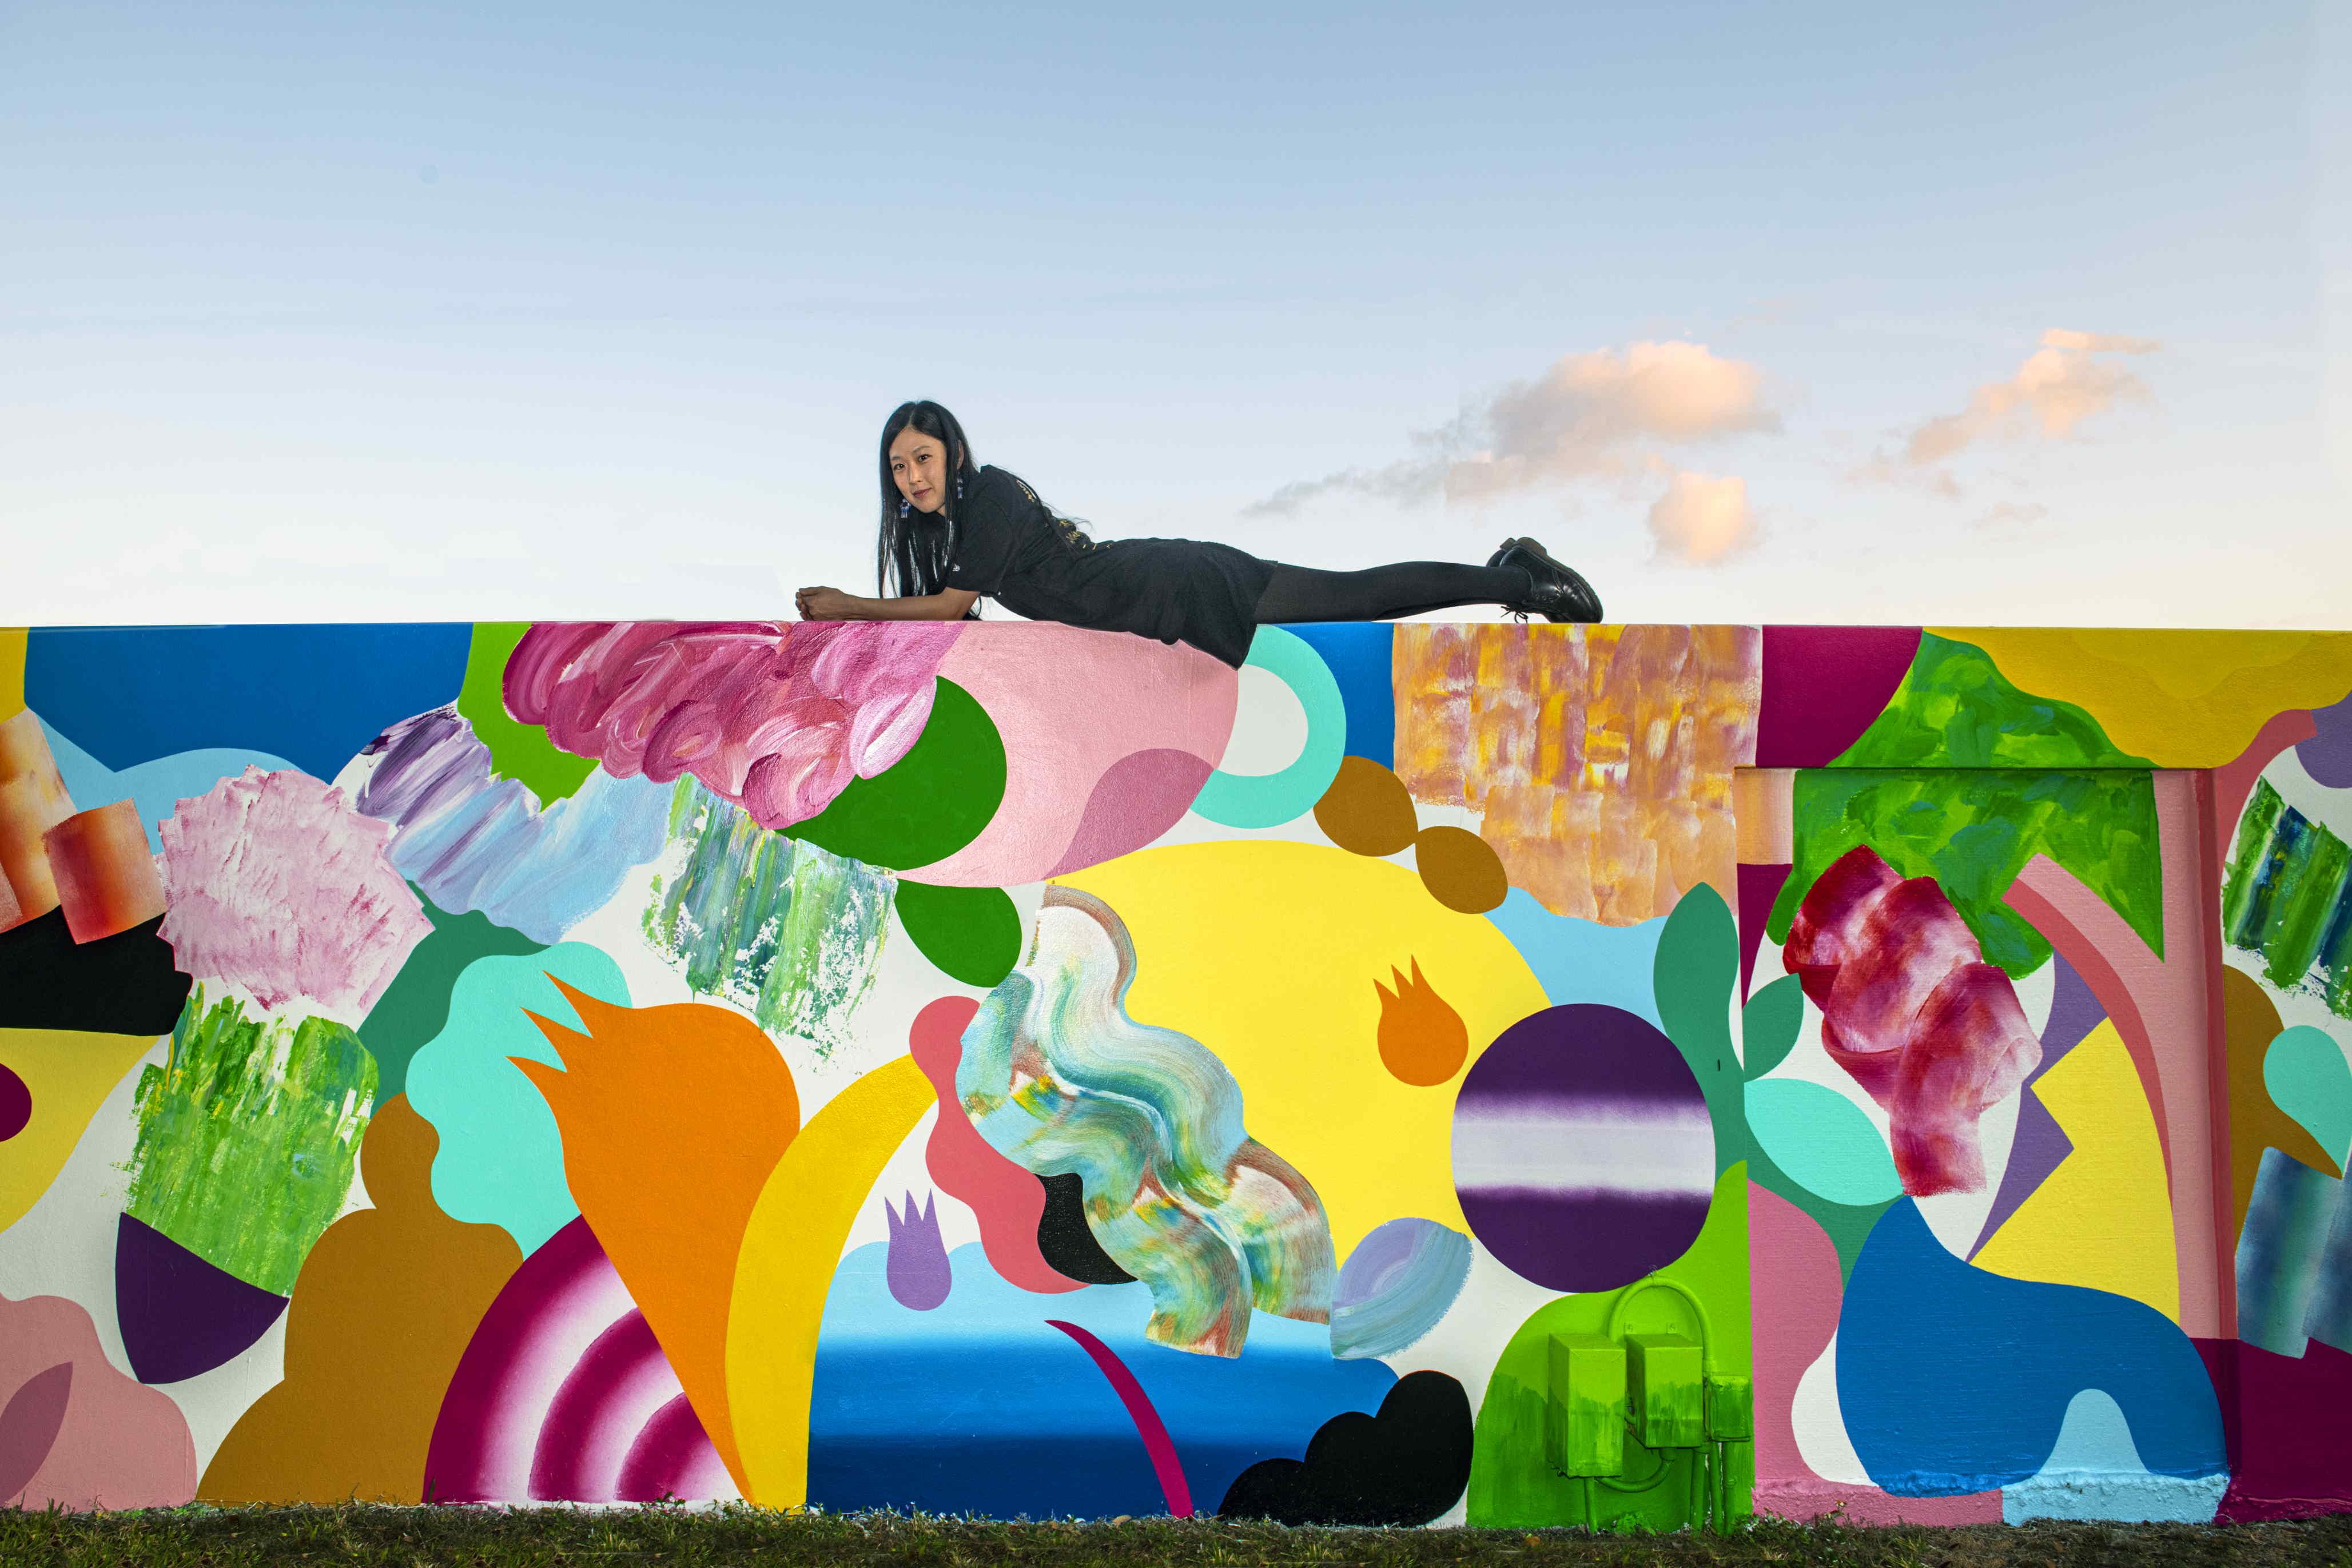 Mina Hamada at the Wynwood Walls